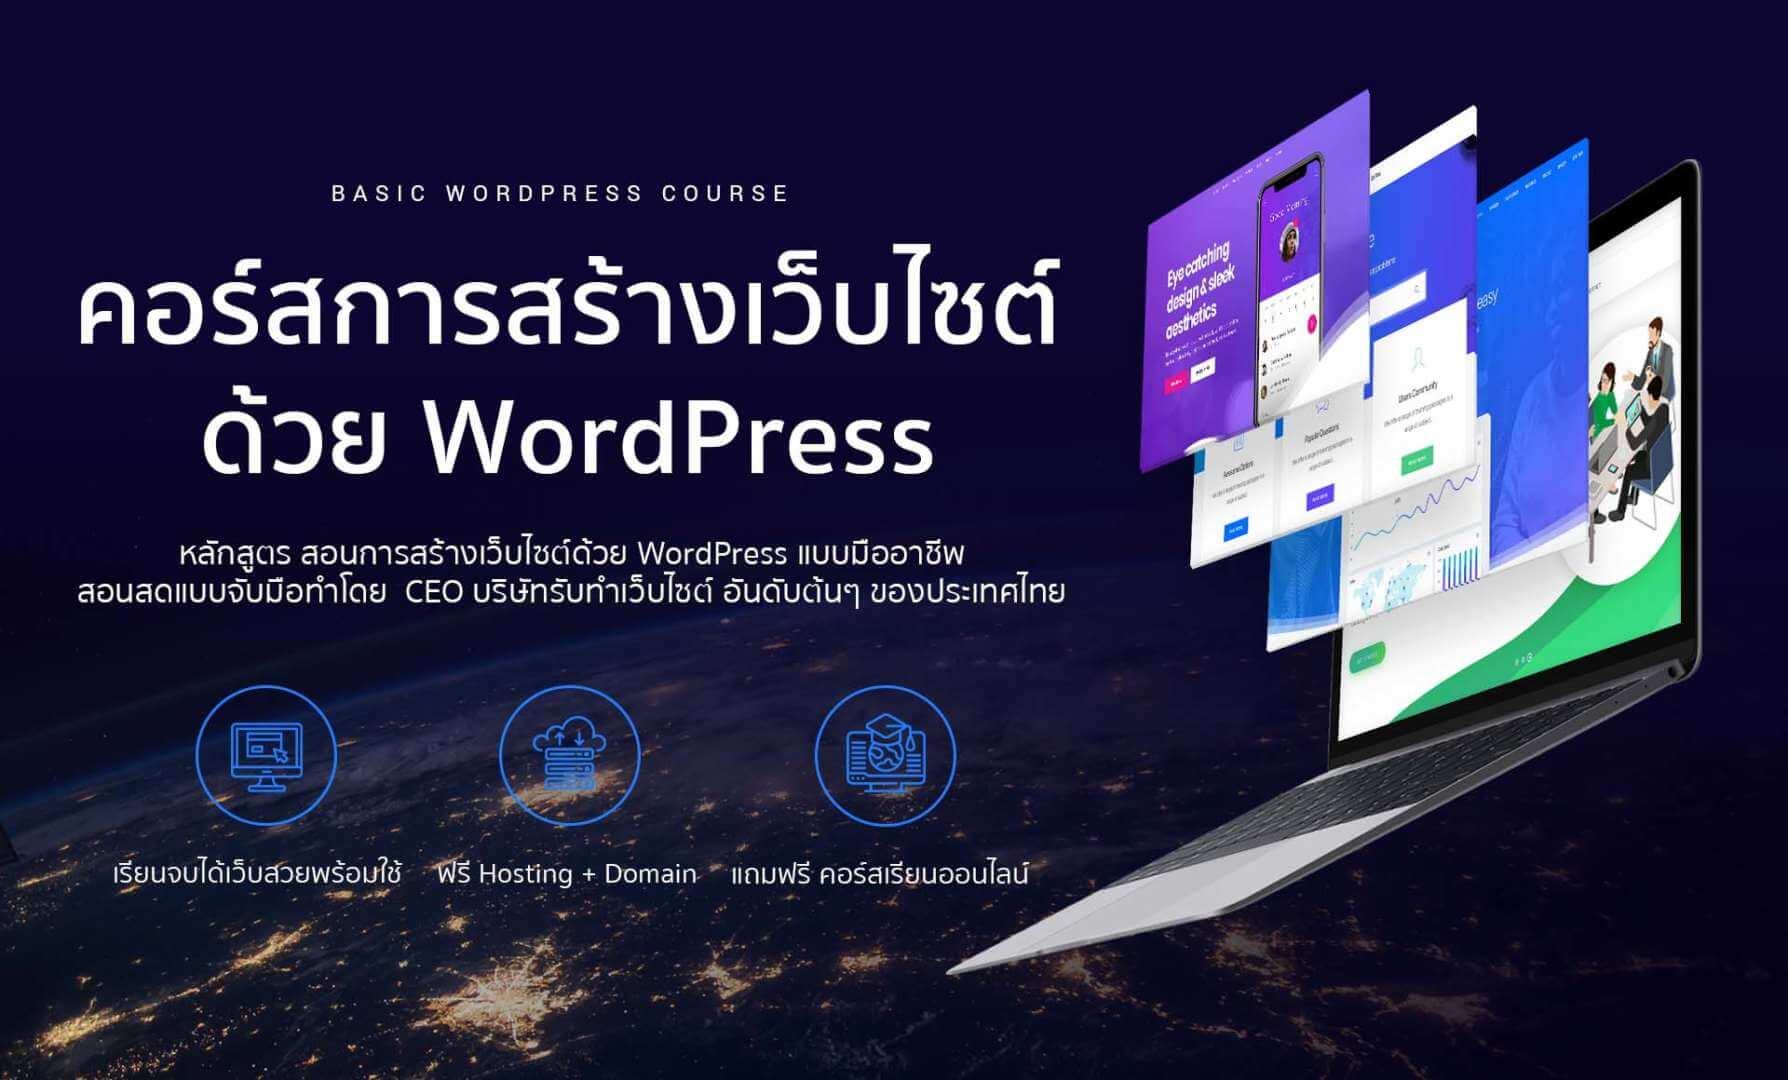 คอร์สสอน WordPress อบรมเรียนทำเว็บไซต์เวิร์ดเพรส ปี 2563/2020